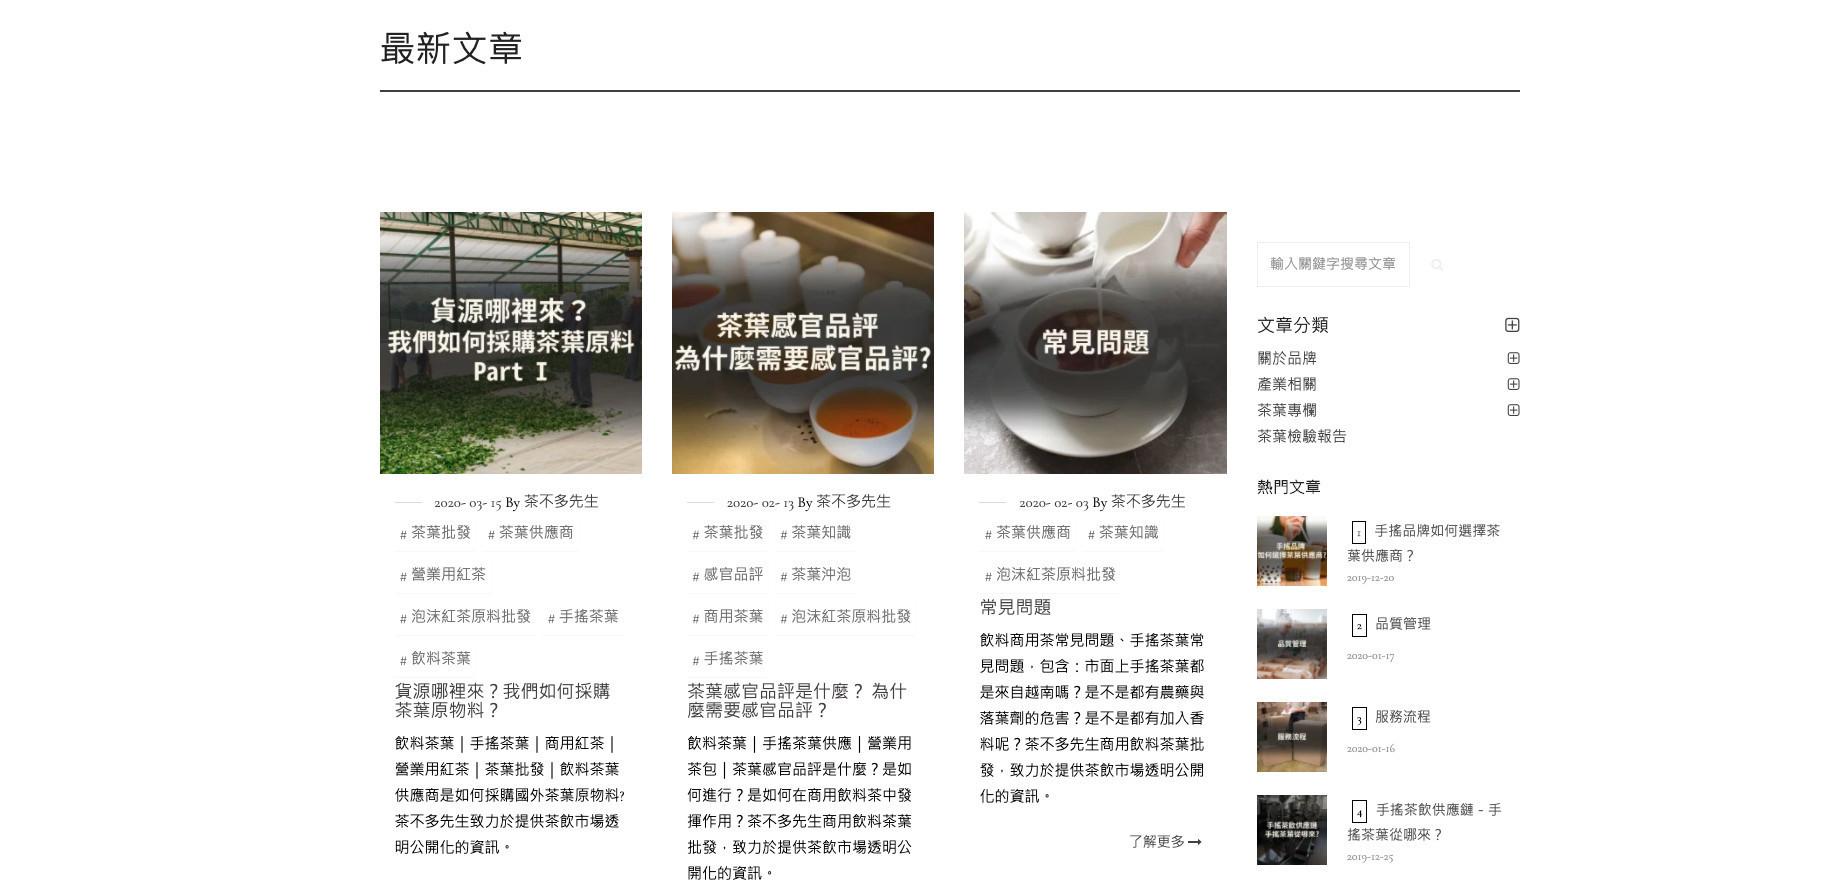 茶不多先生客製化網站設計部落格內容行銷-鯊客科技SEO優化網站設計公司